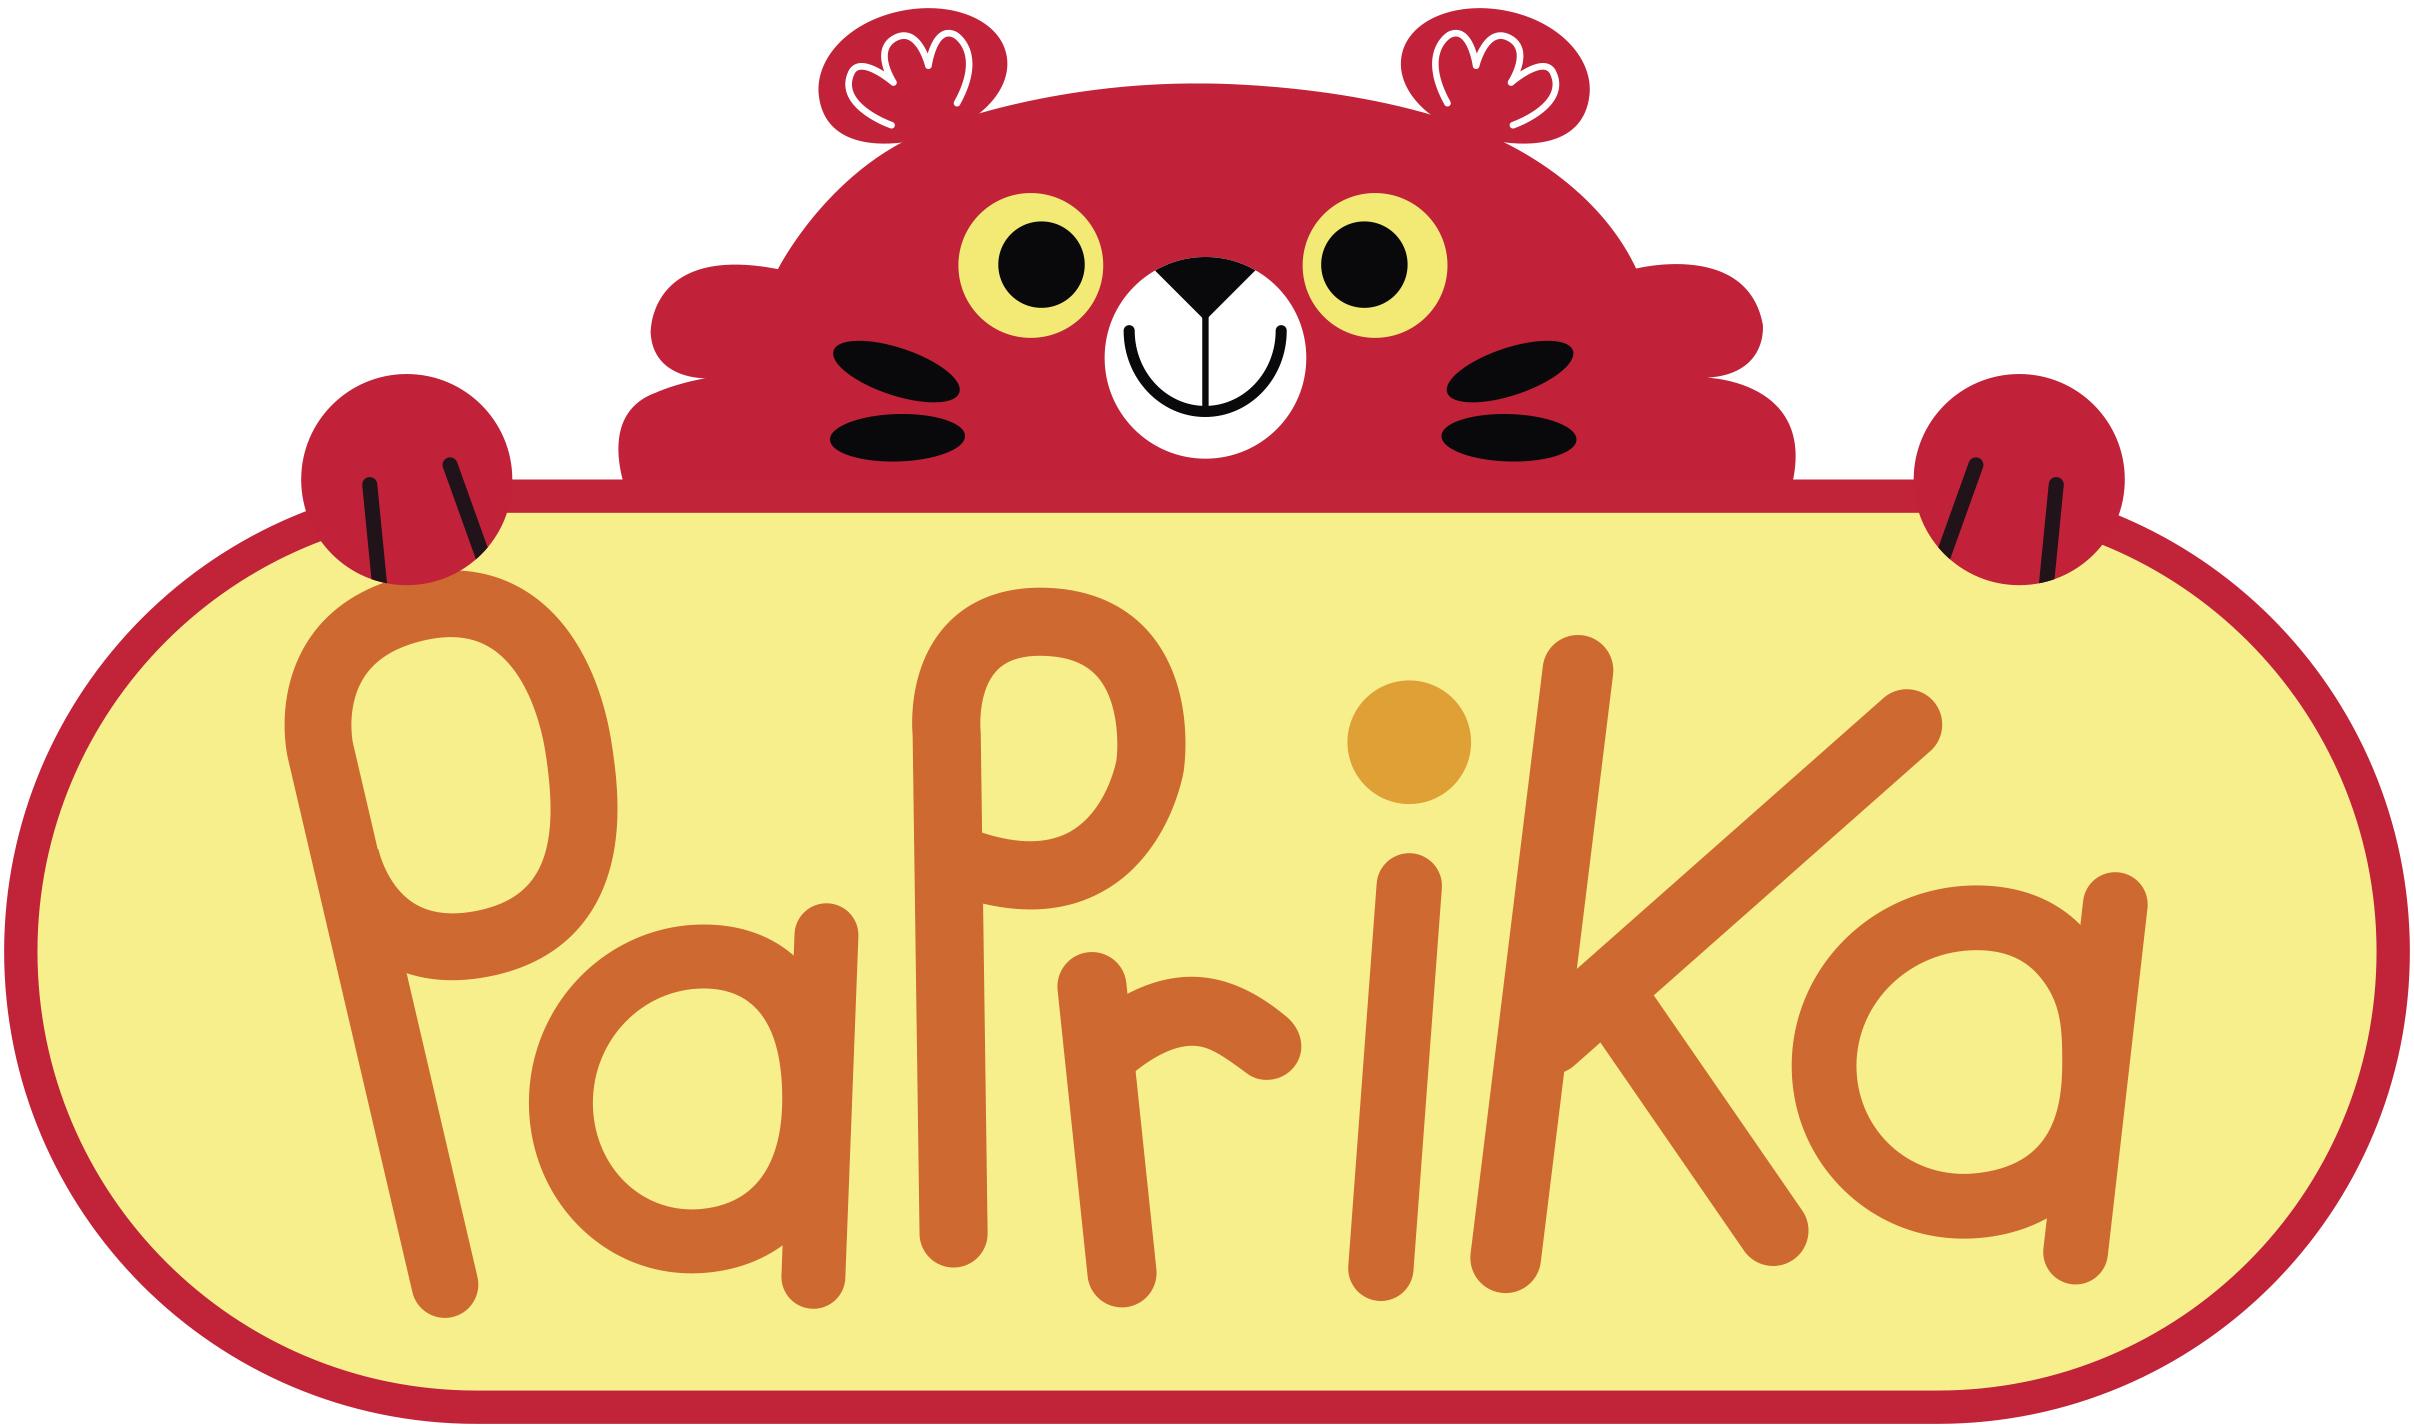 Coloriage Paprika Dessin Anime.F5 2017 Zouzous Paprika Francetv Pro Pressrooms Du Groupe France